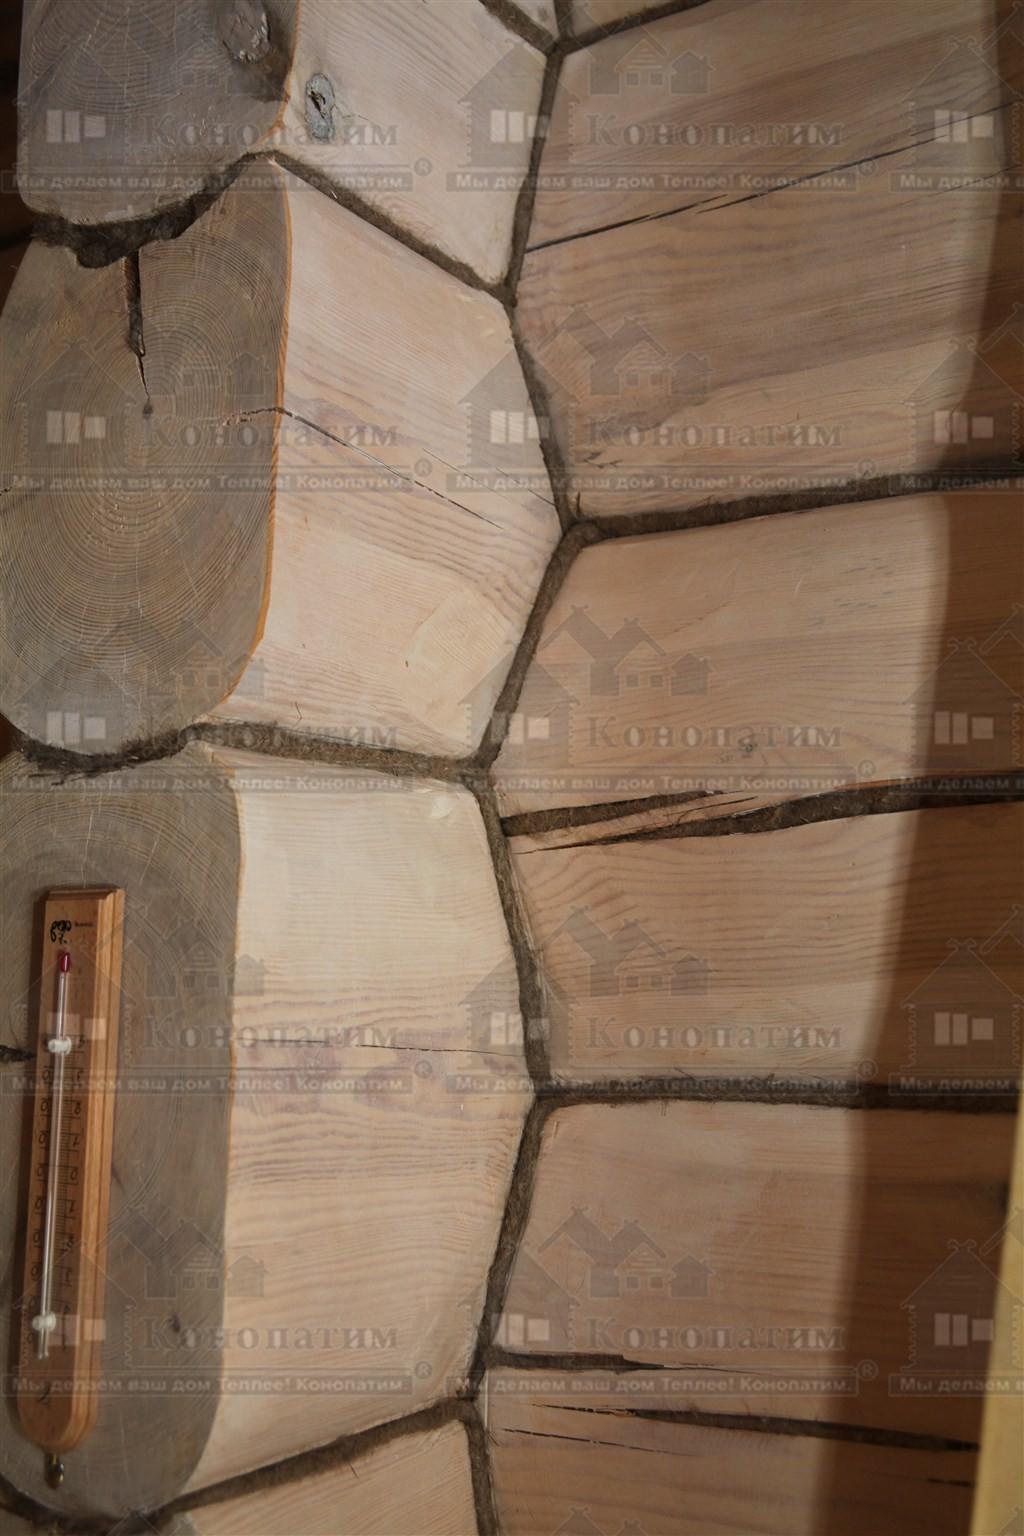 Фото-конопатка внутренних стен дома норвежской рубки в пос. Лебяжье. Переруб крупным планом.